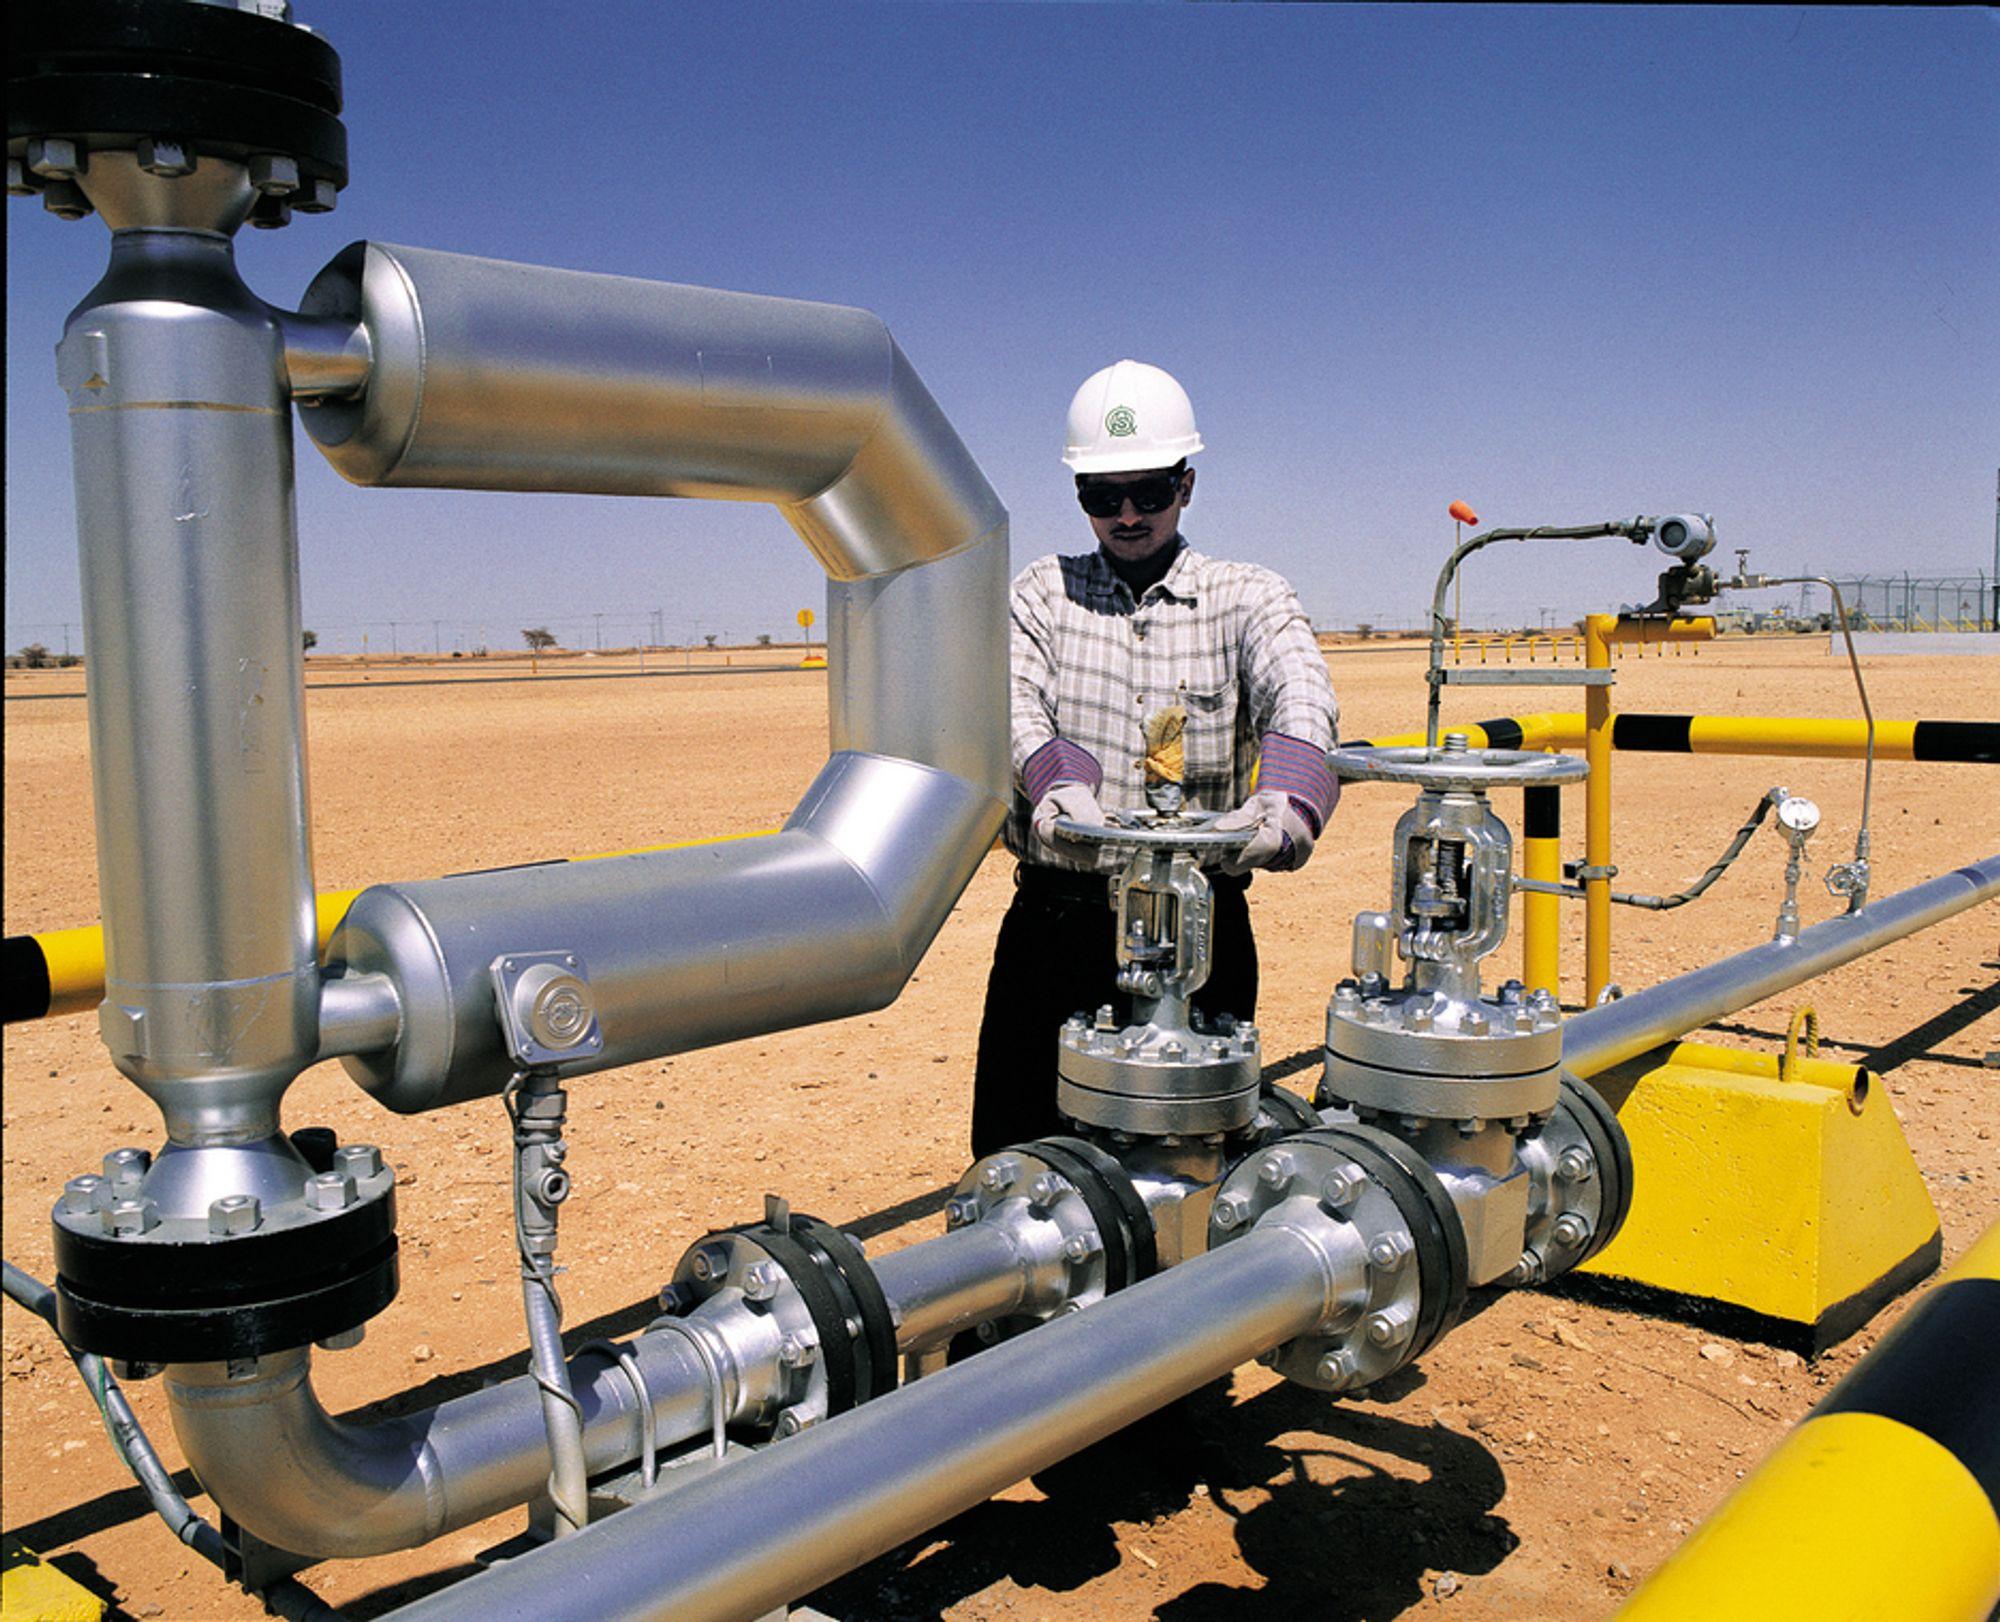 ÅPNER KRANENE: Saudi-Arabia har så langt kunnet kontrollere de globale oljeprisene ved å åpne kranene litt mer. Nå sår amerikanske diplomater tvil om landet har kapasitet til dette. Dersom Saudi-Arabia ikke kan øke kapasiteten kan verden stå overfor store problemer med å skaffe nok av klodens livsnerve, olje.